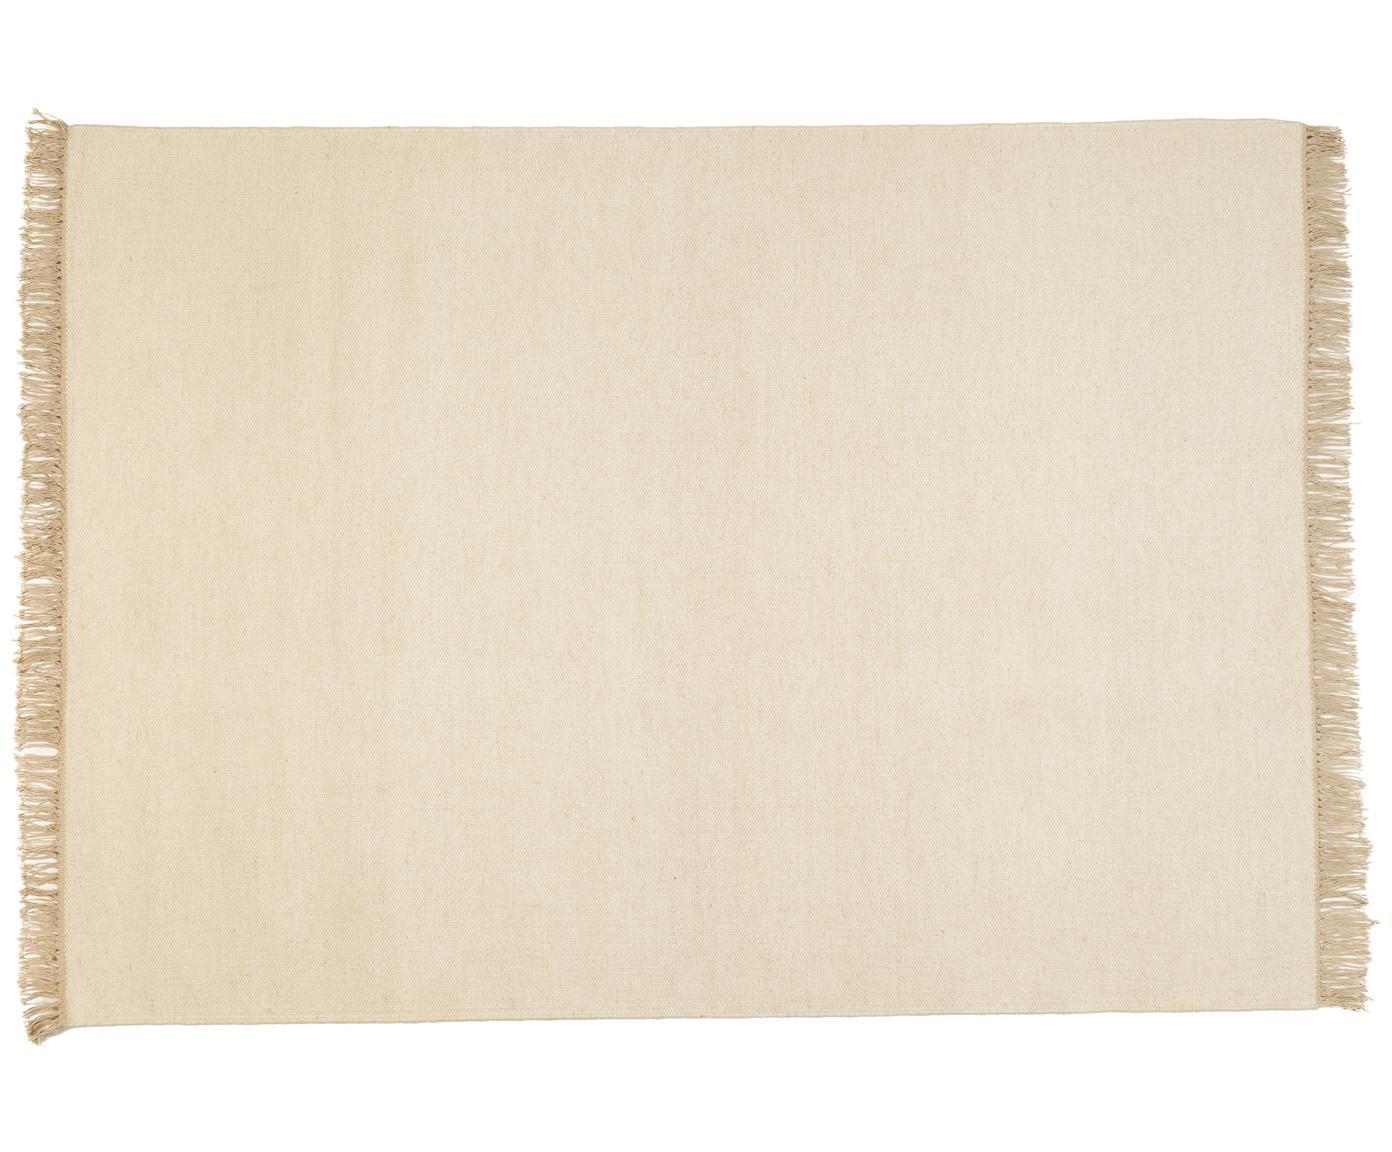 Handgeweven wollen vloerkleed Rainbow in gebroken wit met franjes, Vloerkleed: gebroken wit. Franjes: beige, B 140 x L 200 cm (maat S)